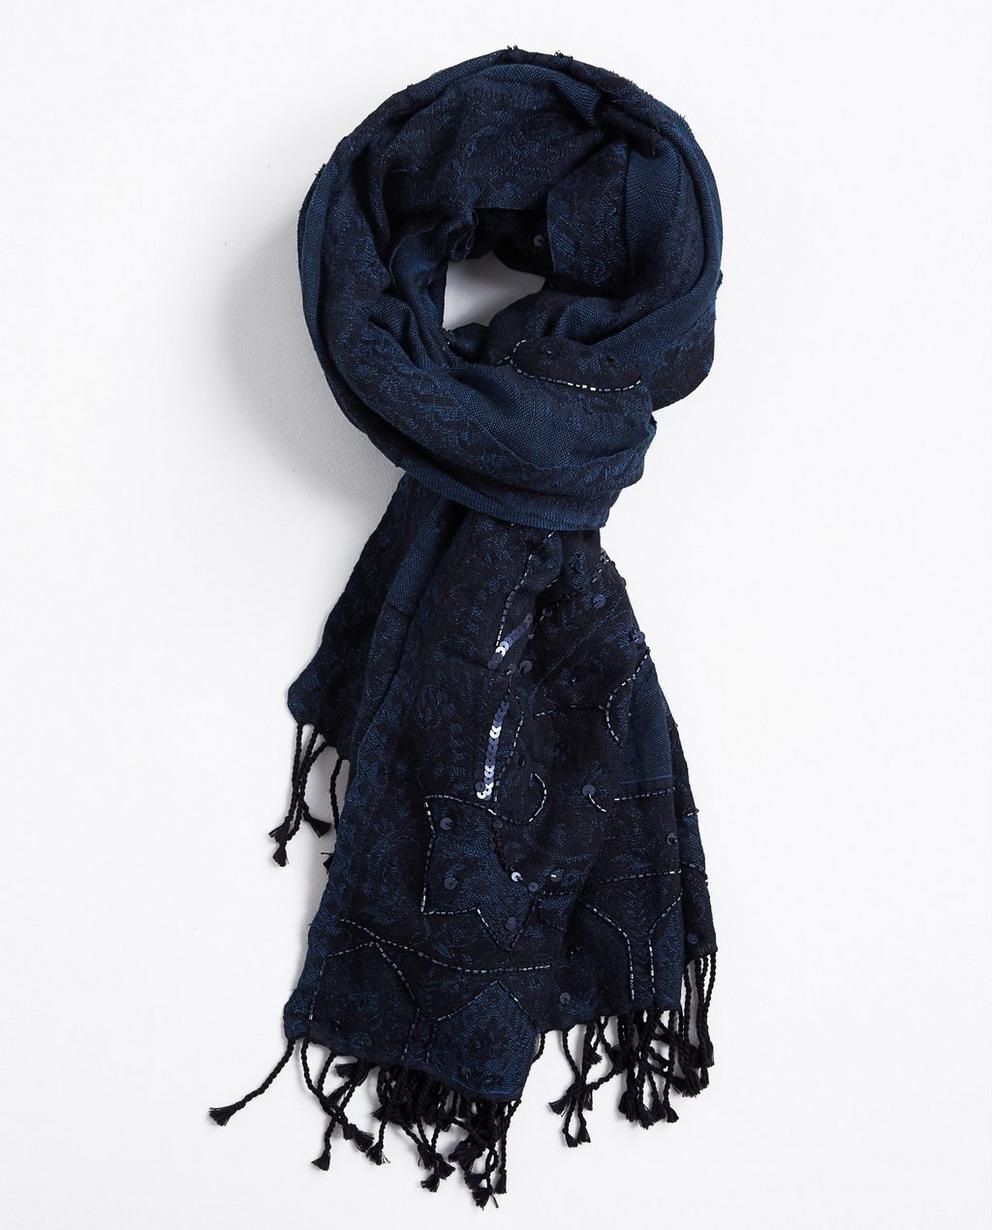 Écharpe avec des perles - bleu nuit - JBC